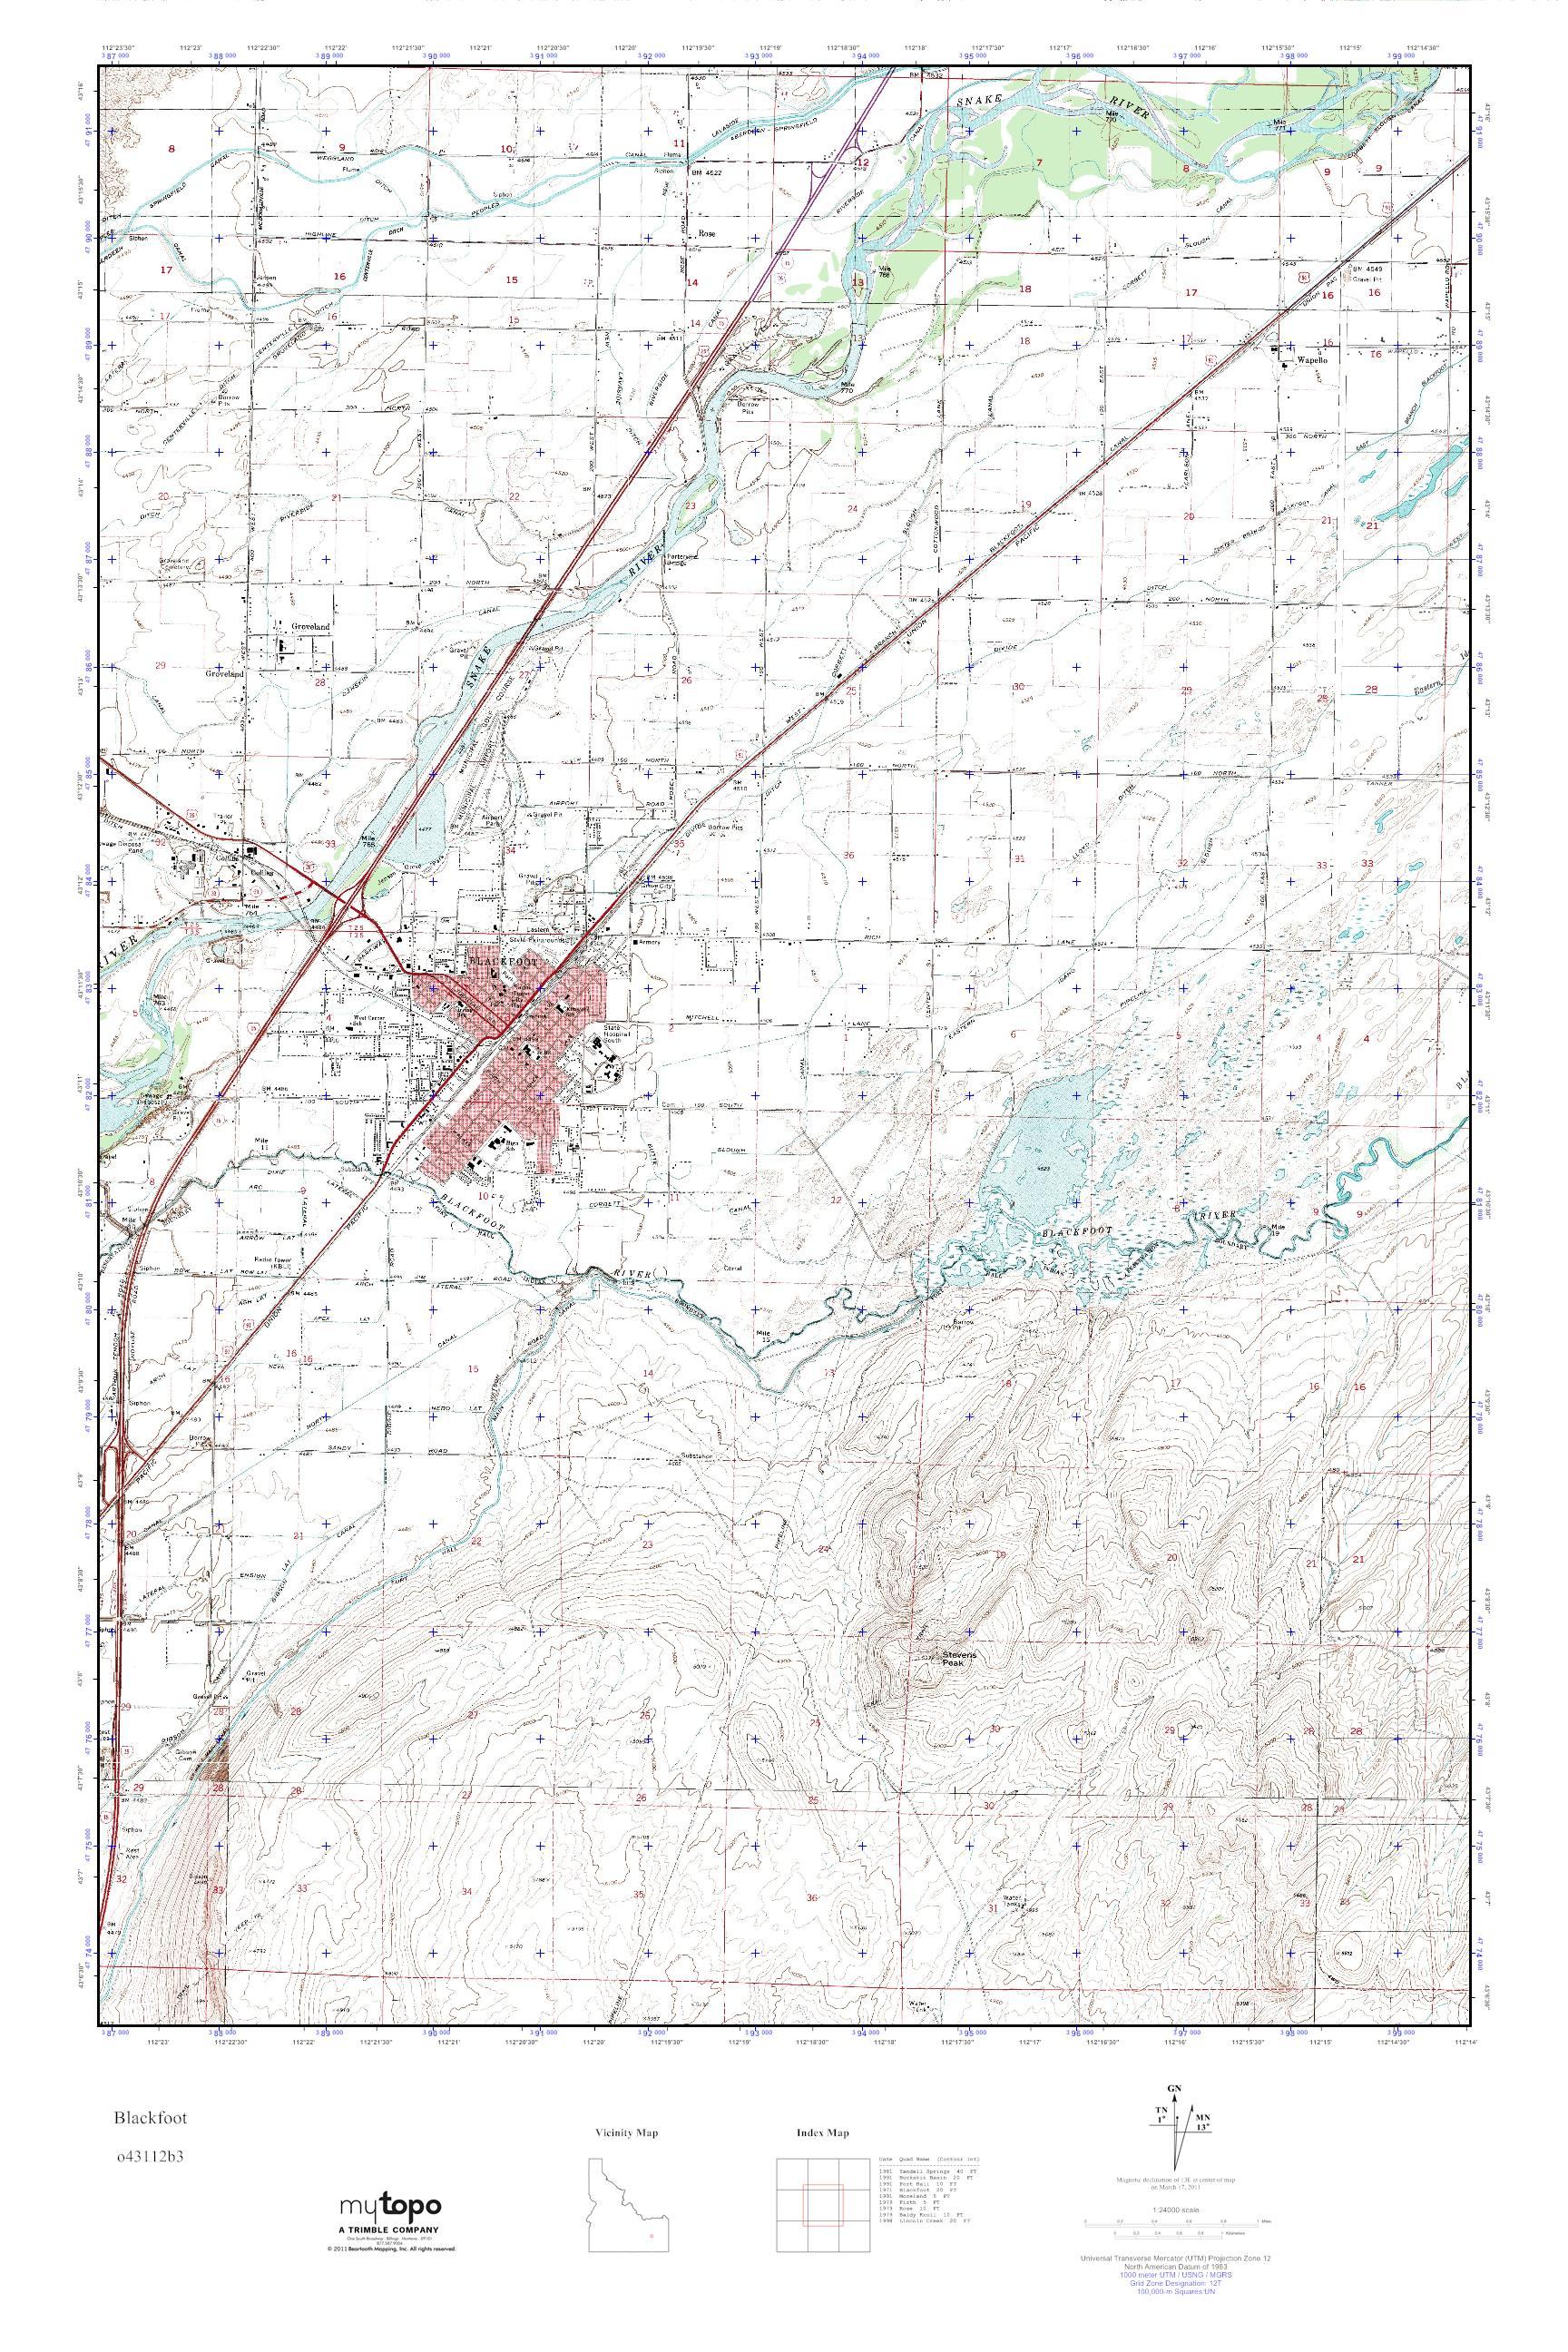 Mytopo Blackfoot Idaho Usgs Quad Topo Map